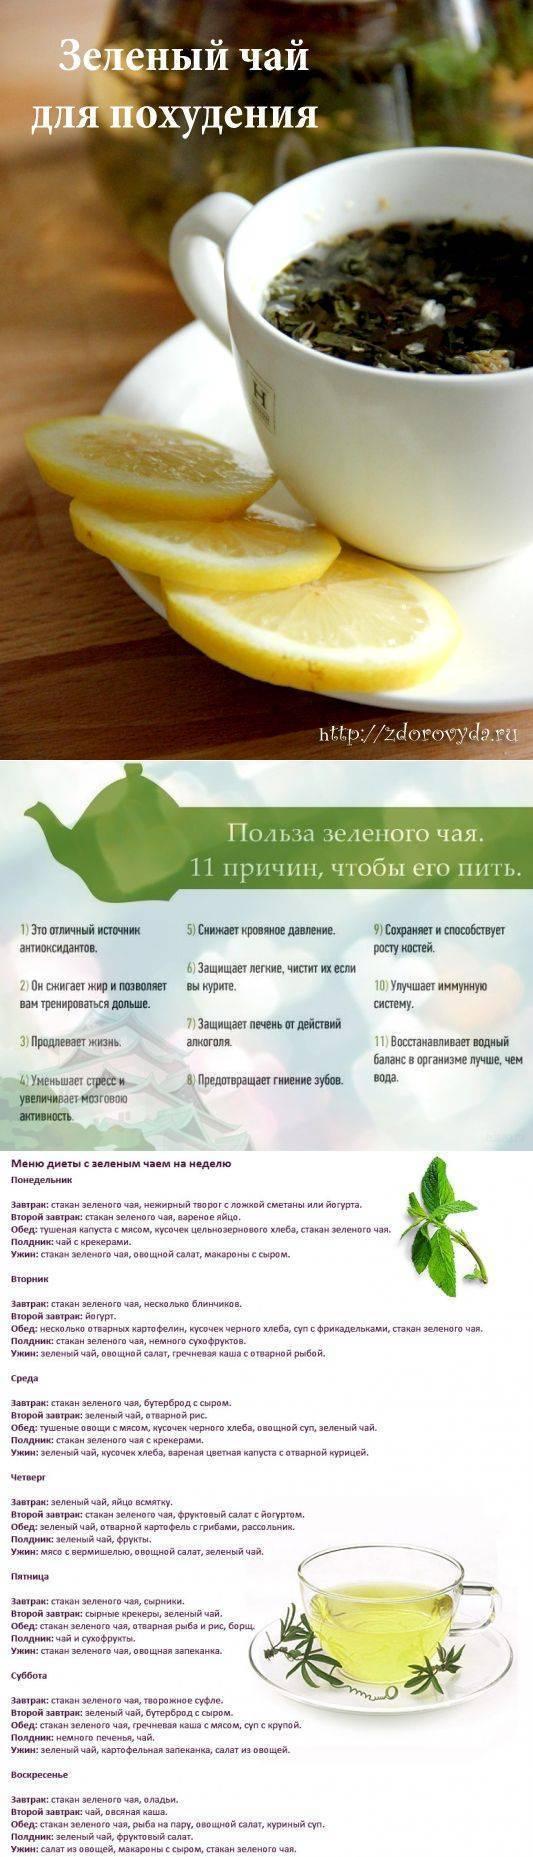 Диета на зеленом чае на 3 дня | похудение тут